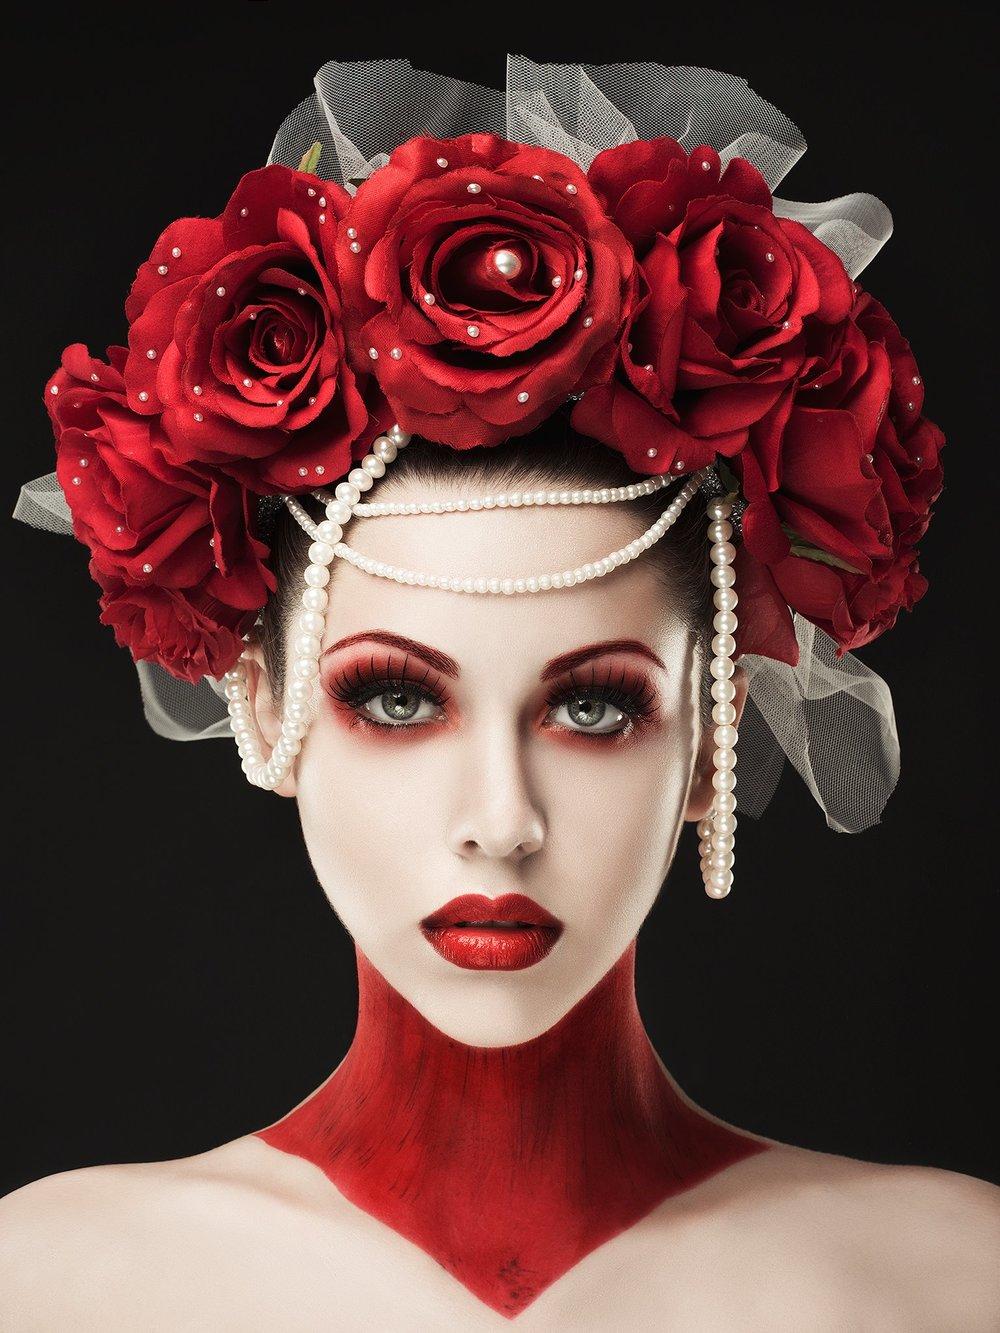 Modelo: Vanessa Gil  Maquillaje: Dni Make-up Tocado: Nebula X Crafts  Fotografía y edición: Rebeca Saray con Pentax645Z & Broncolor